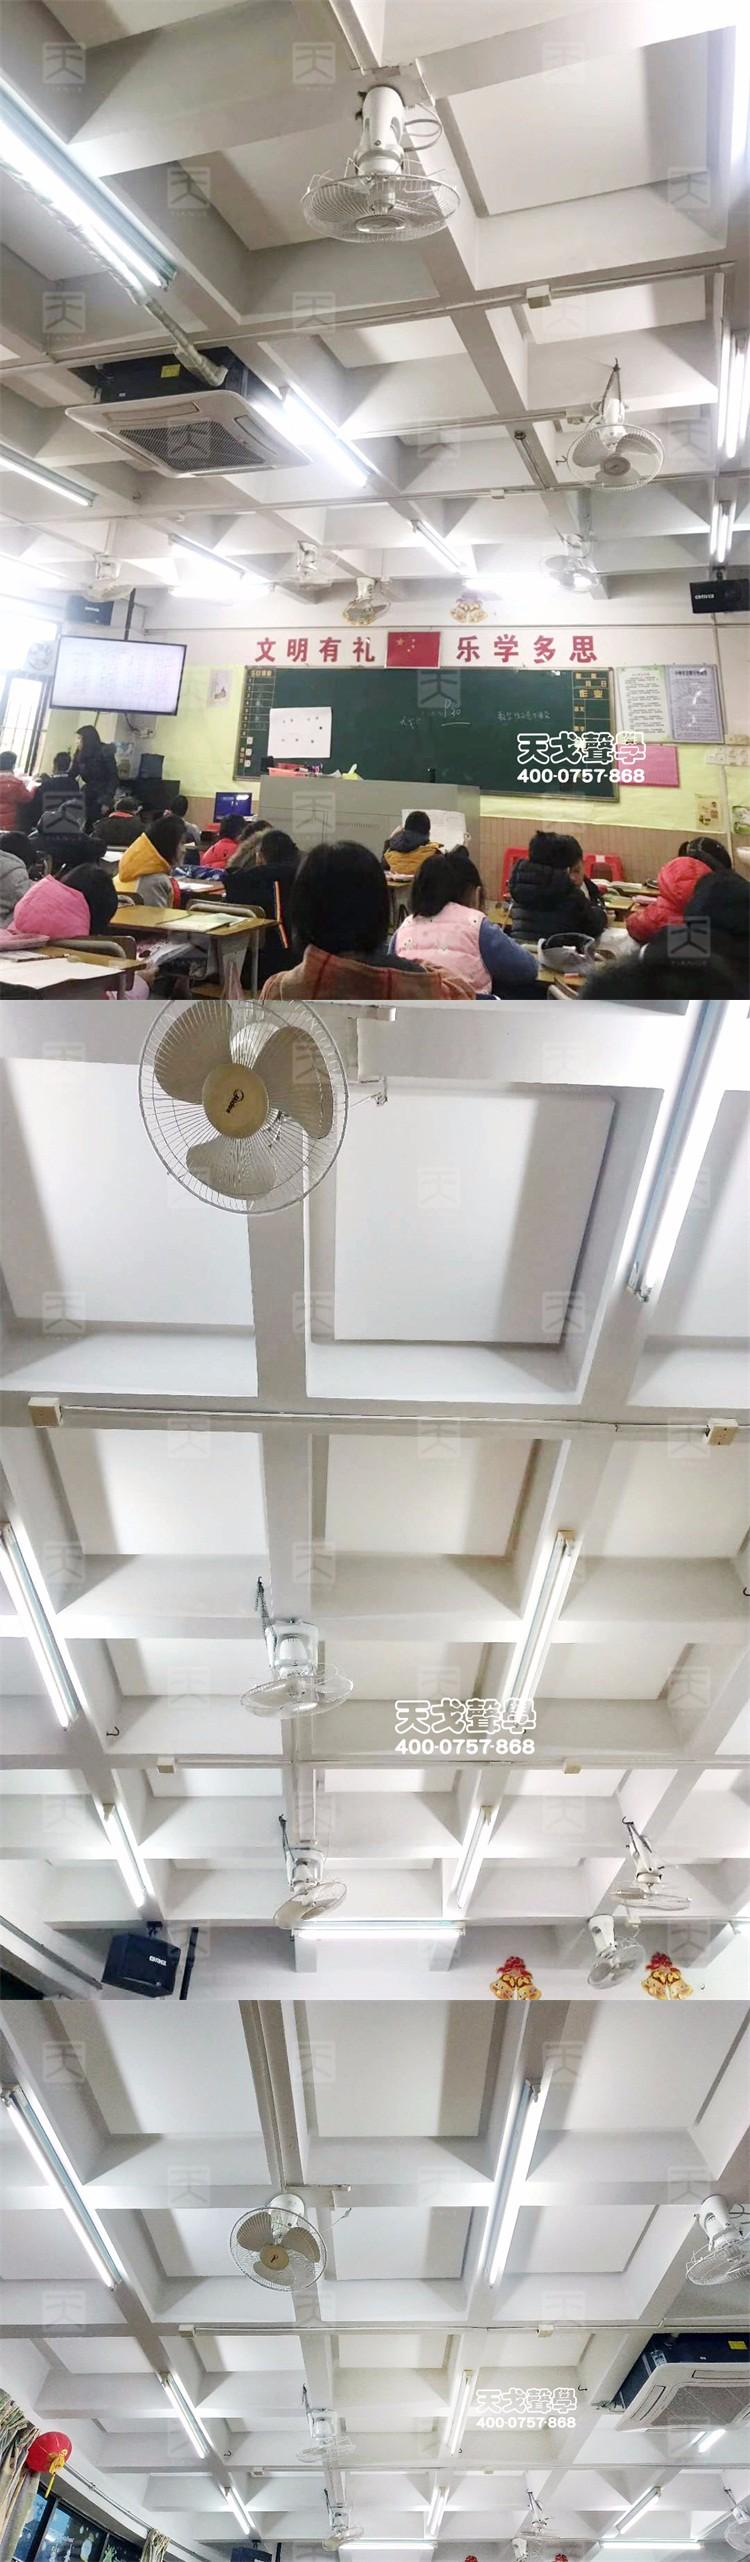 南海实验小学教室声学设计